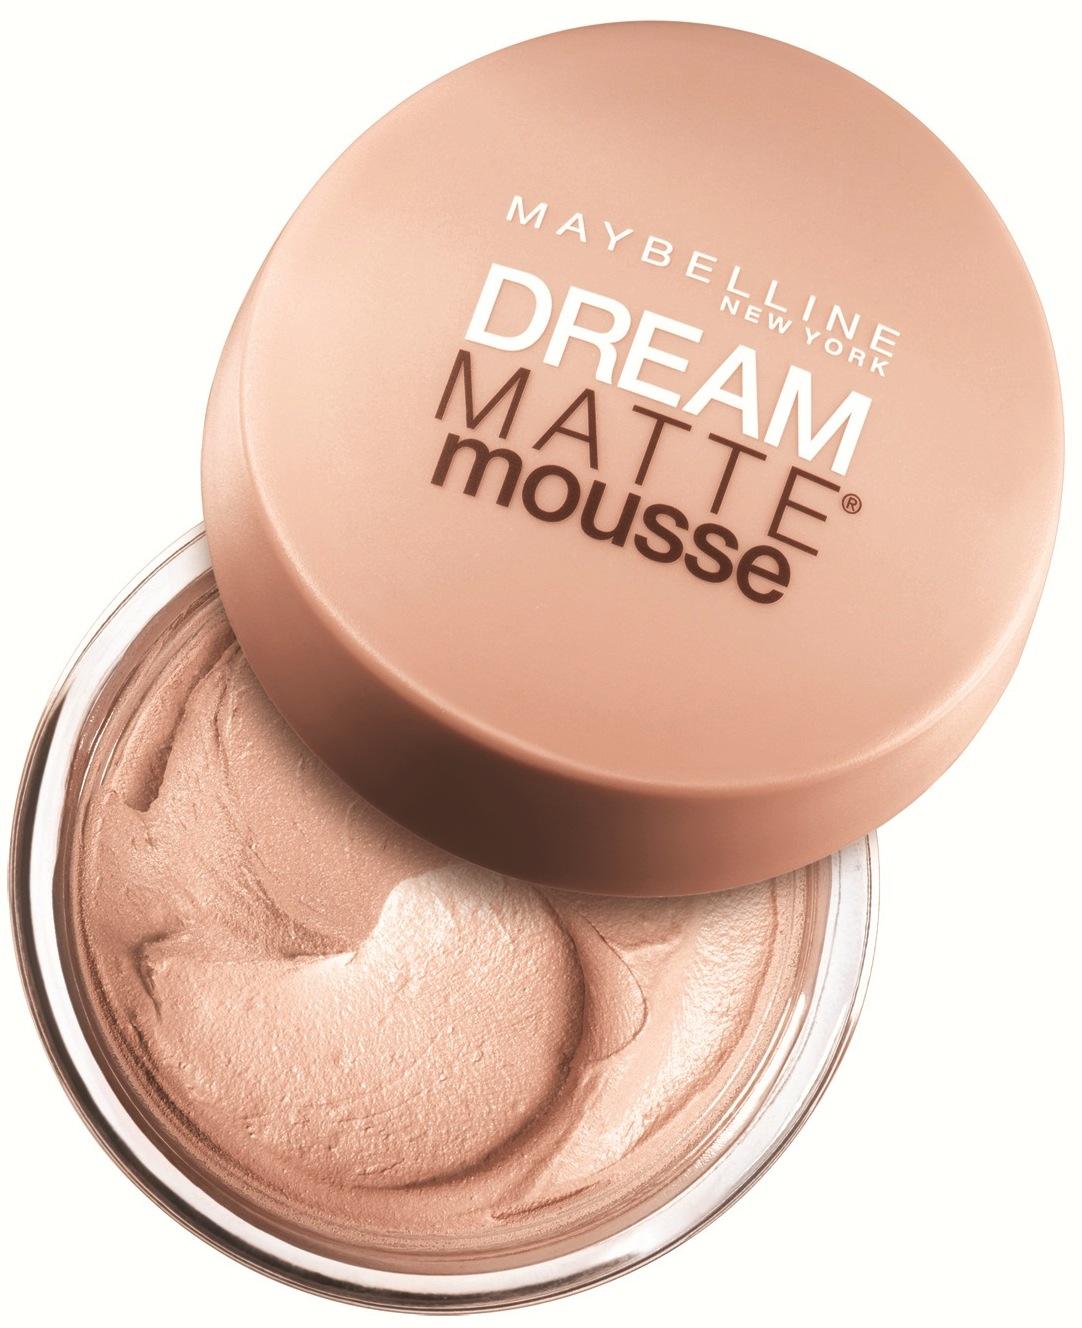 أساس الوجه Maybelline Dream Matte Mousse للبشرة الدهنية